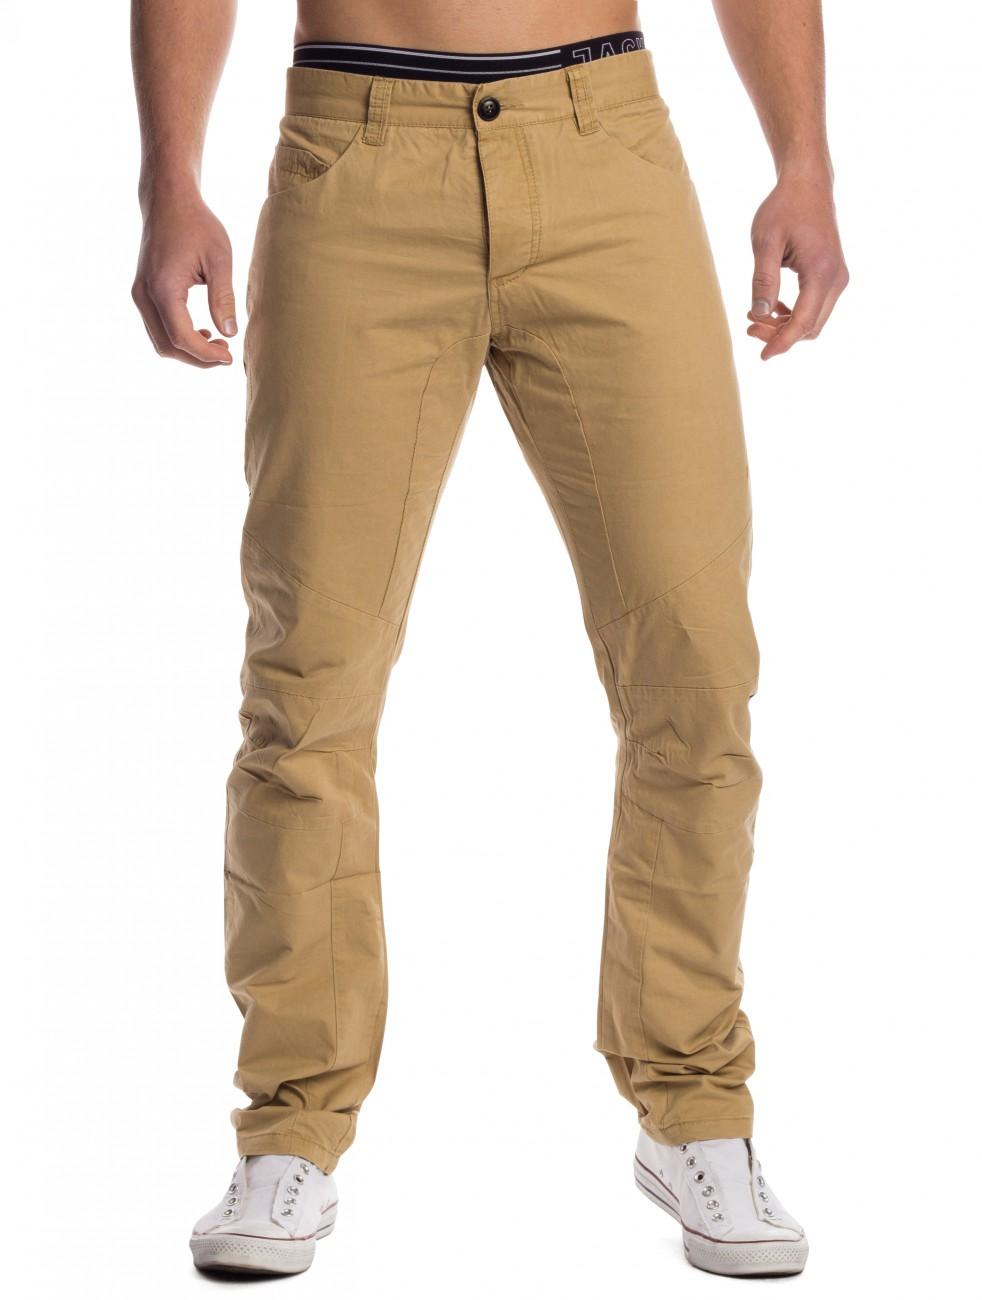 herren chino jeans hose 5 pocket stoffhose leicht sommer. Black Bedroom Furniture Sets. Home Design Ideas